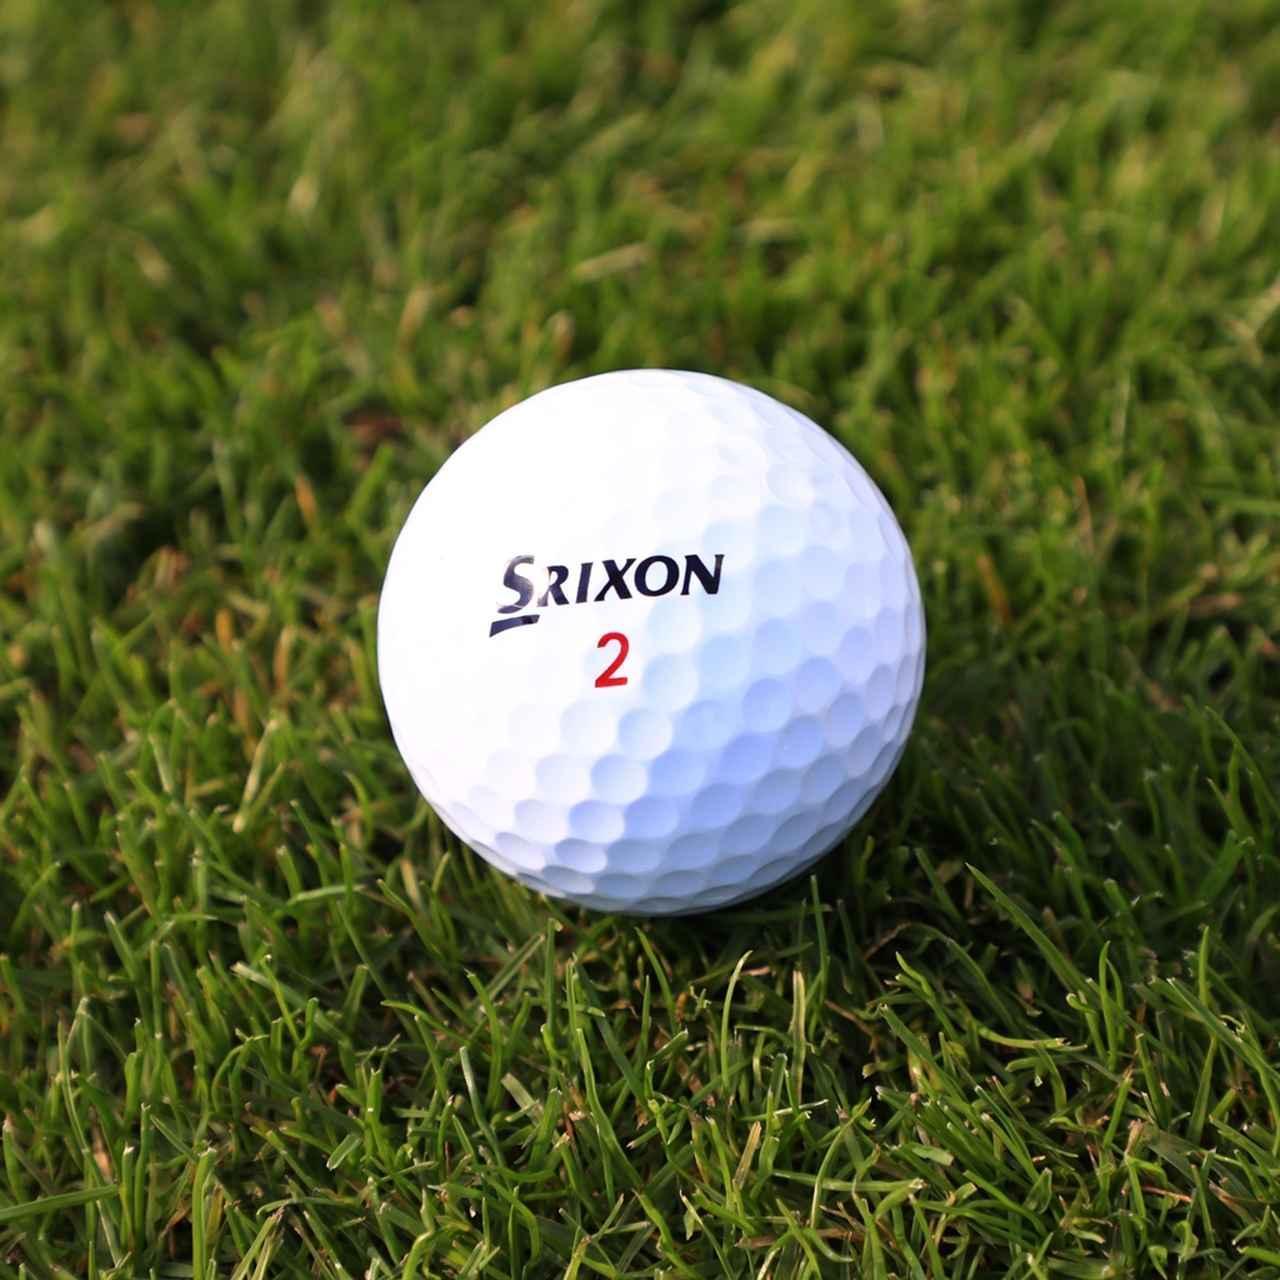 画像: 昨秋発表されたスリクソンのニューボール「スリクソンZスターXV」。新しい素材のコーティングは大堀もお気に入りで、グリーン周りのスピン性能も秀逸。すぐに実戦投入した